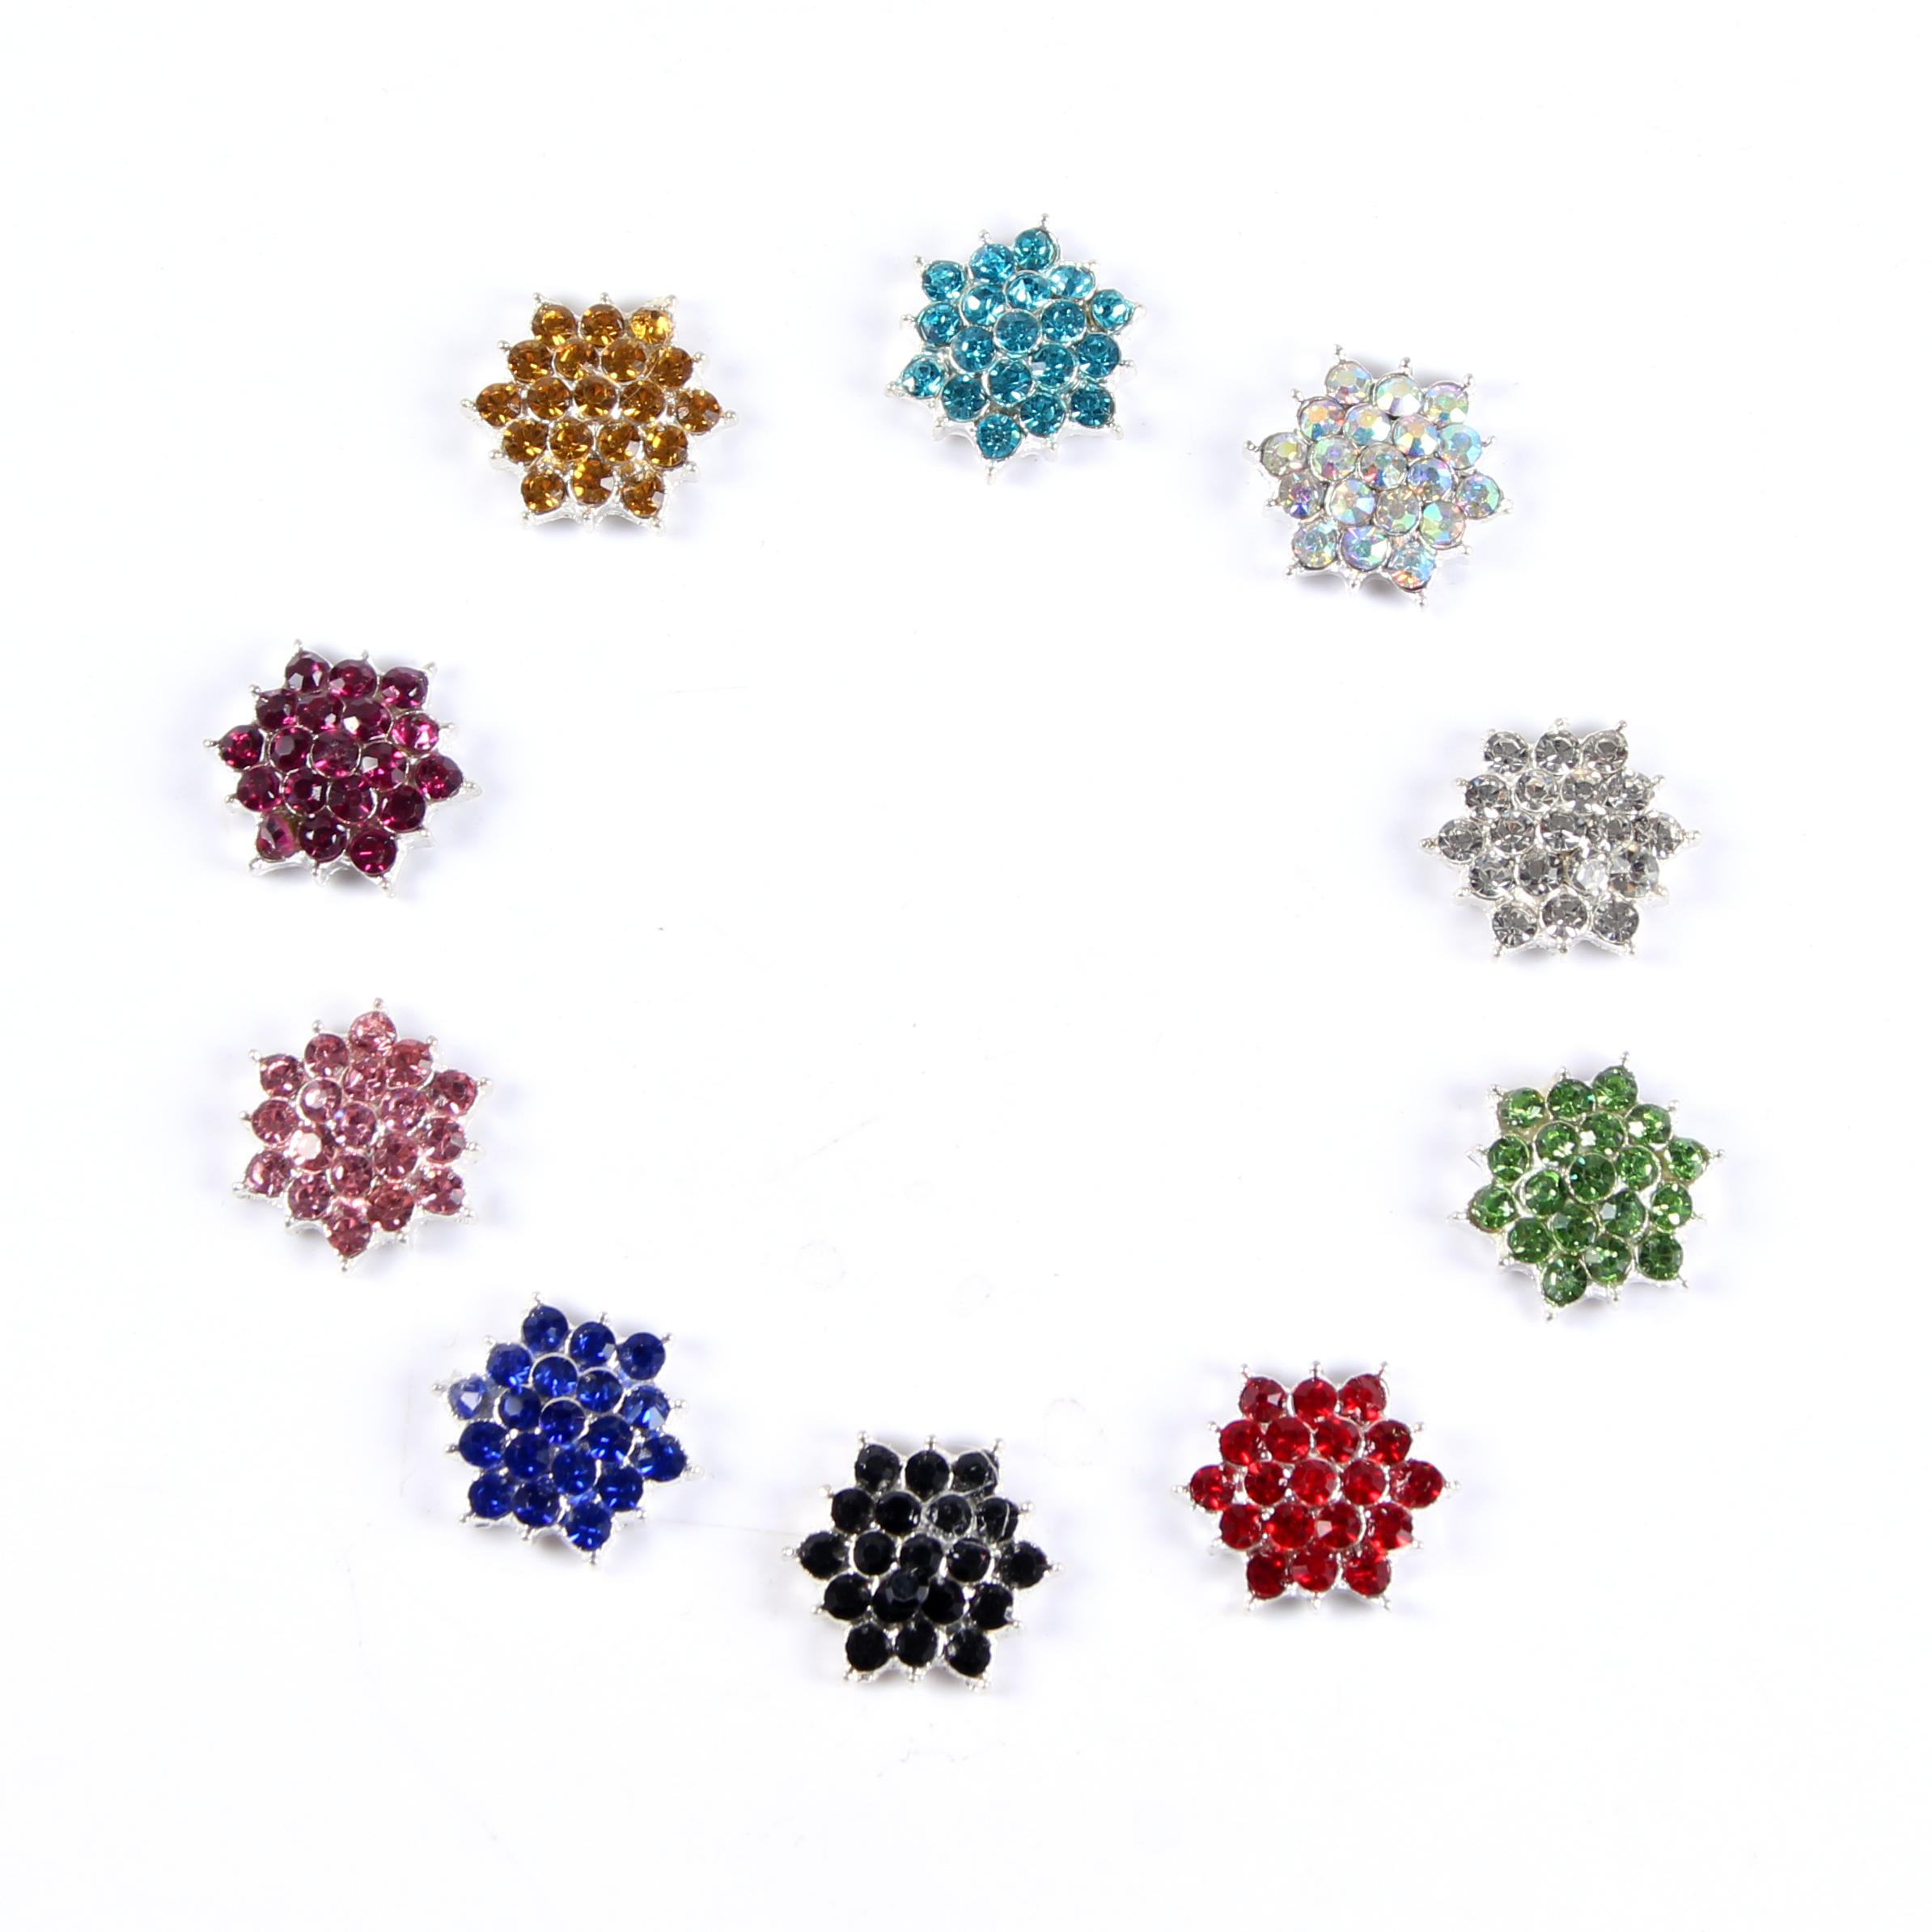 Türük toptan renkli Rhinestone düğme dekoratif süs toka yıldız düğün aeecssories